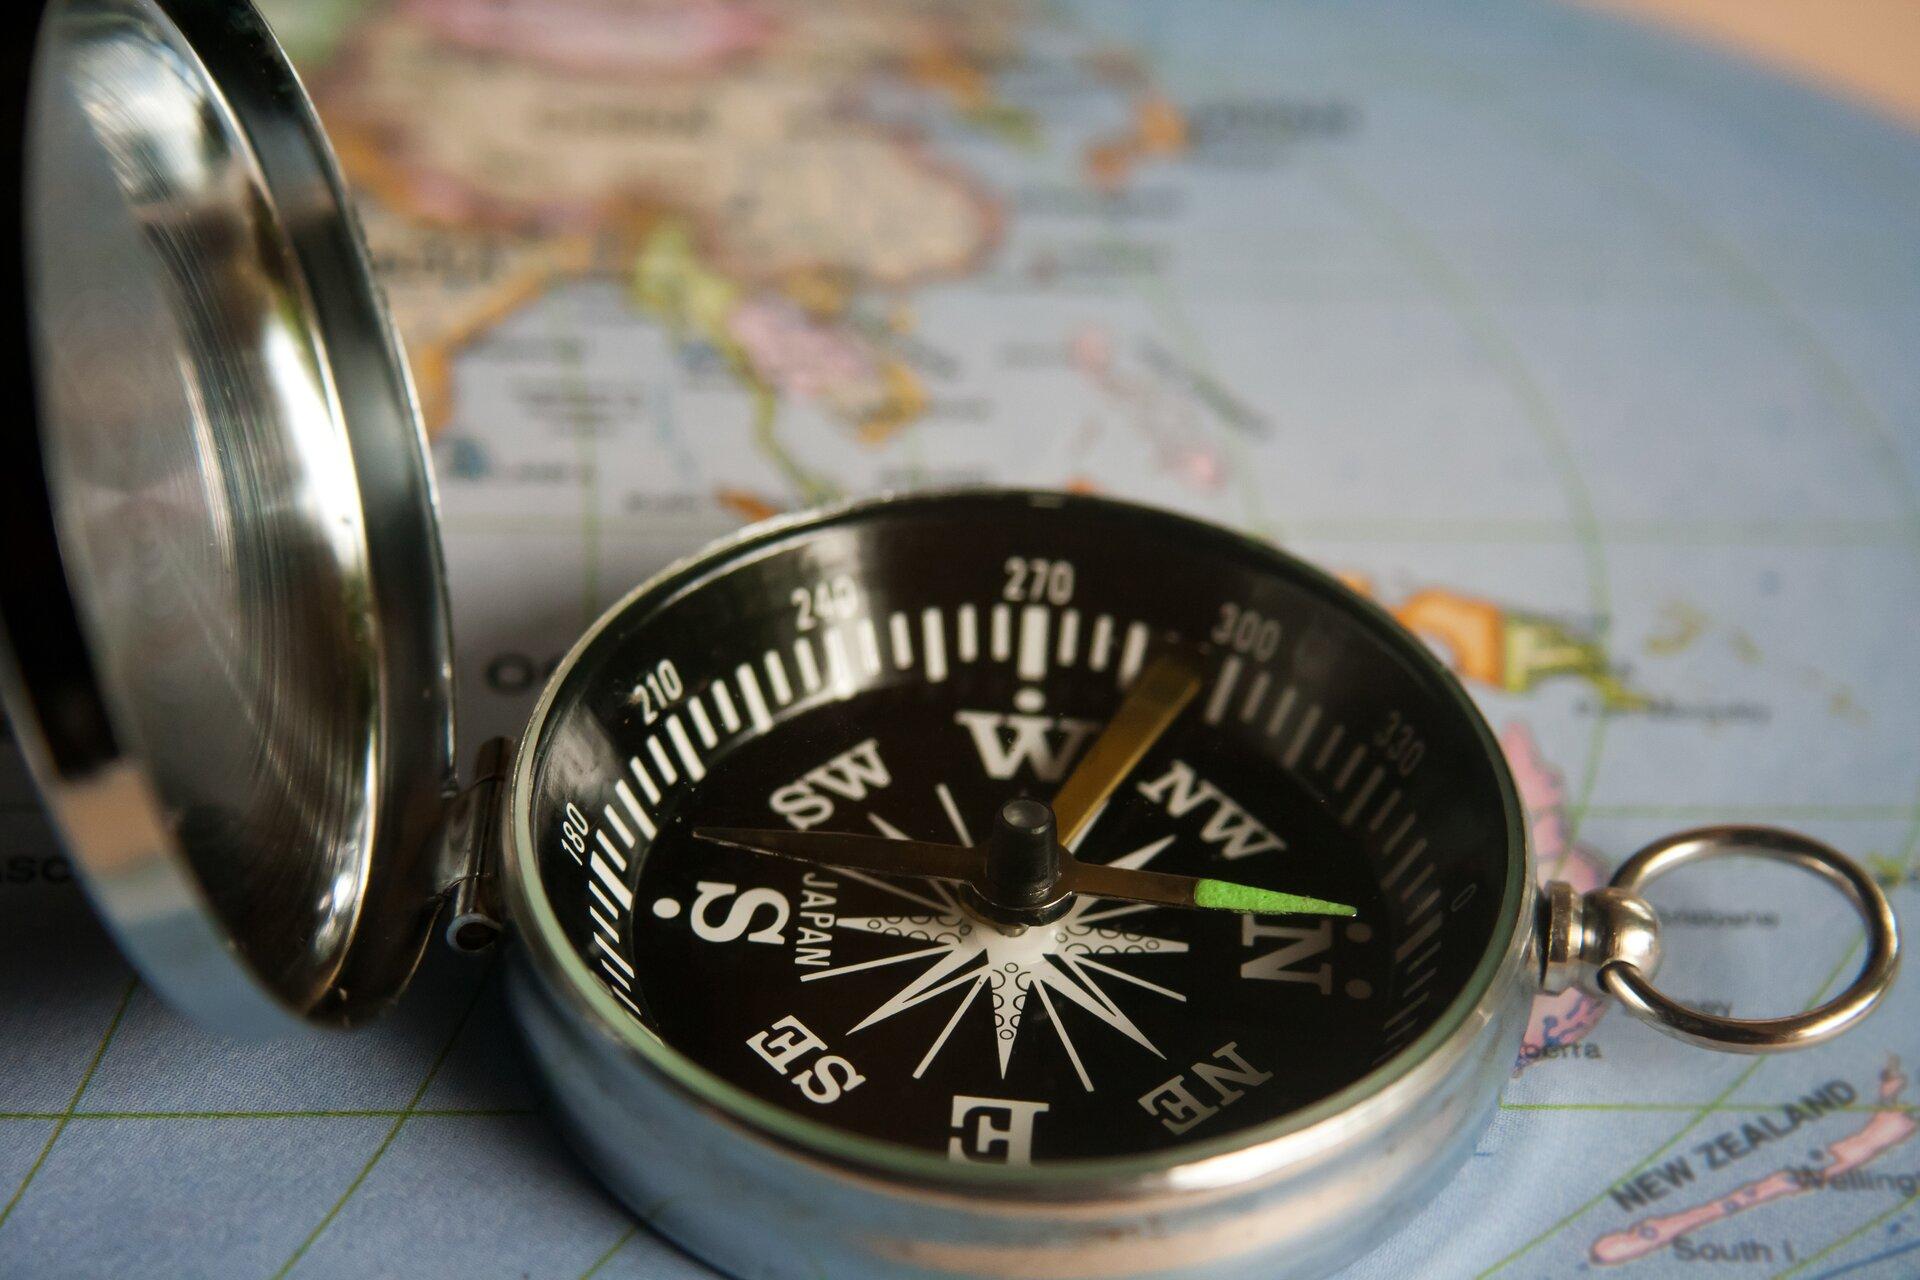 Fotografia prezentuje kompas turystyczny umieszczony na mapie świata. Kompas składa się zokrągłego przezroczystego pudełka, na dnie którego znajduje się tarcza znarysowanymi kierunkami świata oraz podziałka wstopniach. Nad tarczą zawieszona jest igła magnetyczna wskazująca kierunek północ -południe.